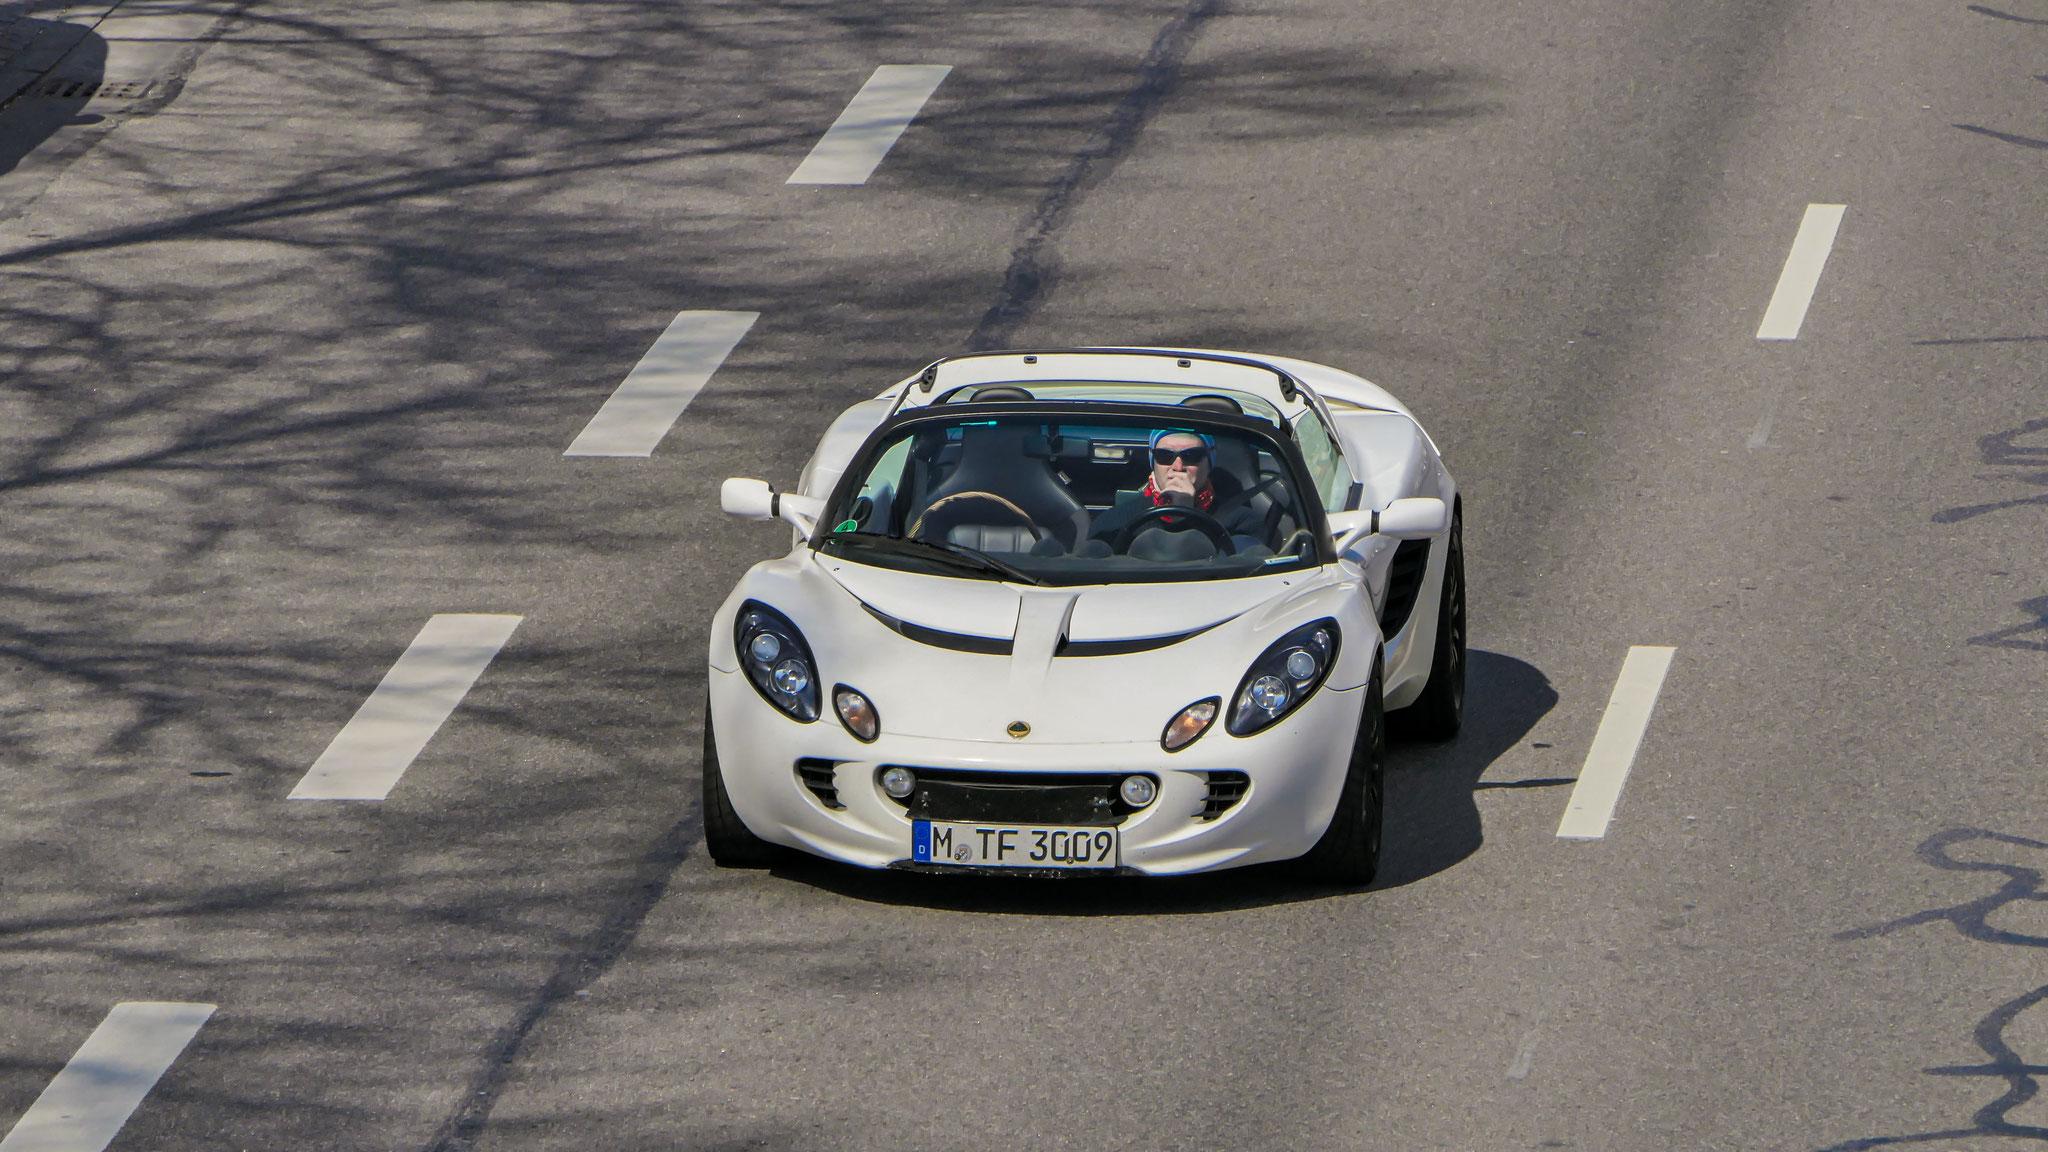 Lotus Elise S2 - M-TF-3009